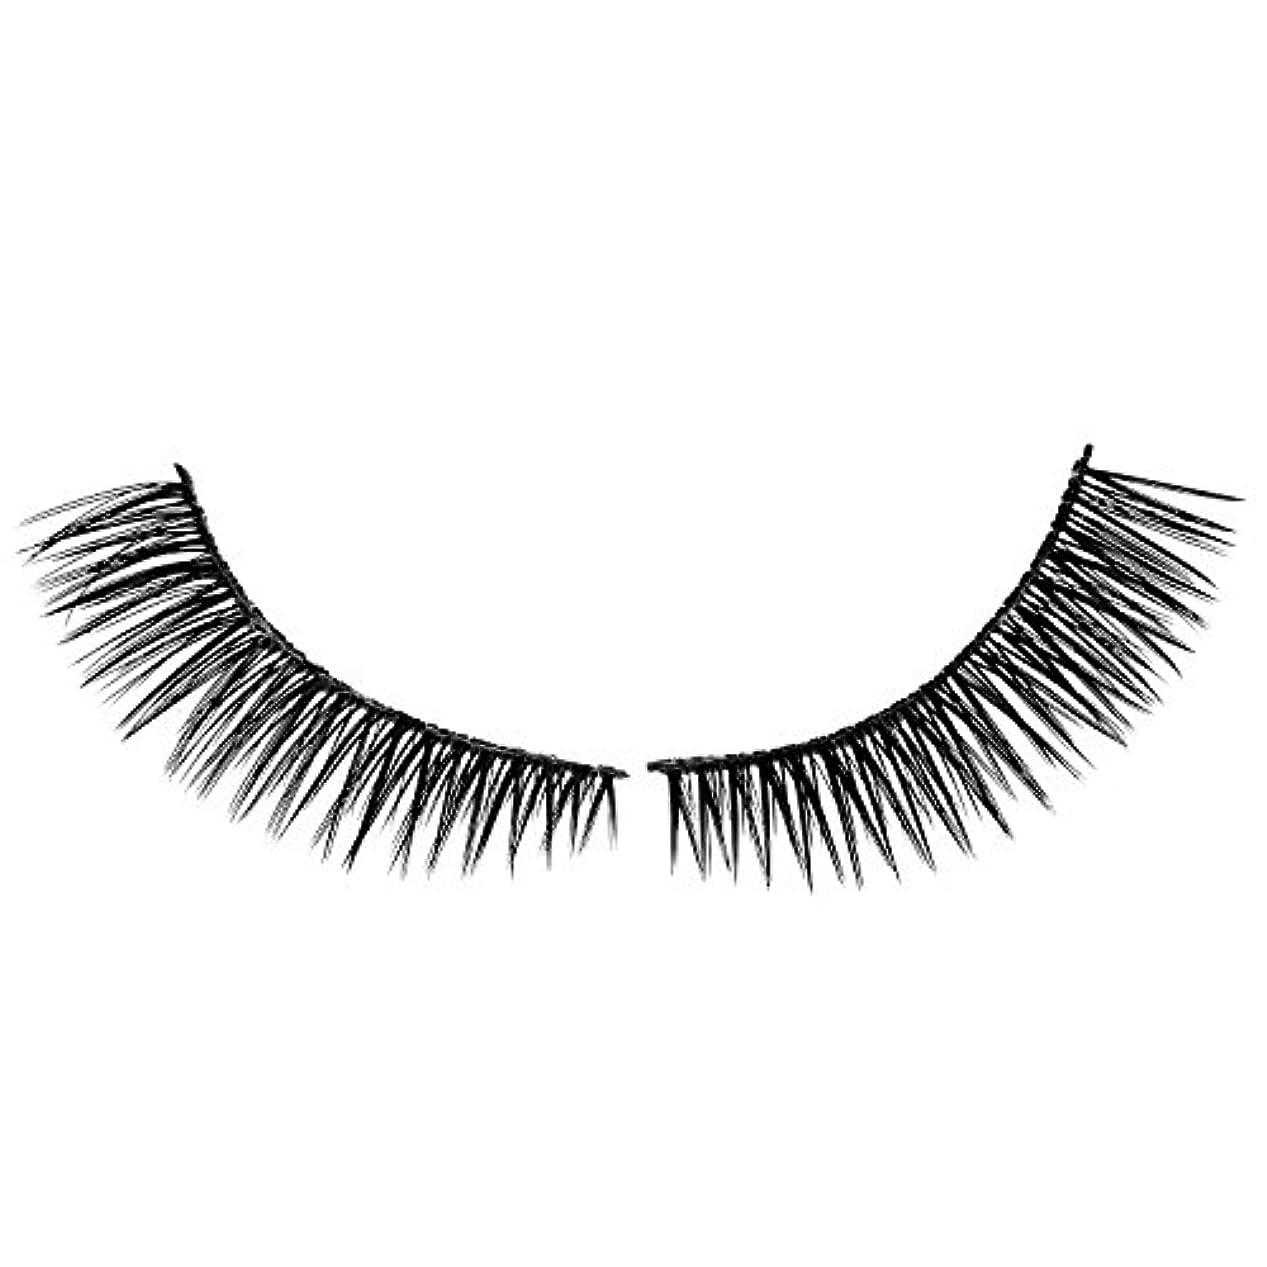 流行している同様にピカソSODIAL 1組つけまつげ人工睫毛自然美容メイクつけまつげ018